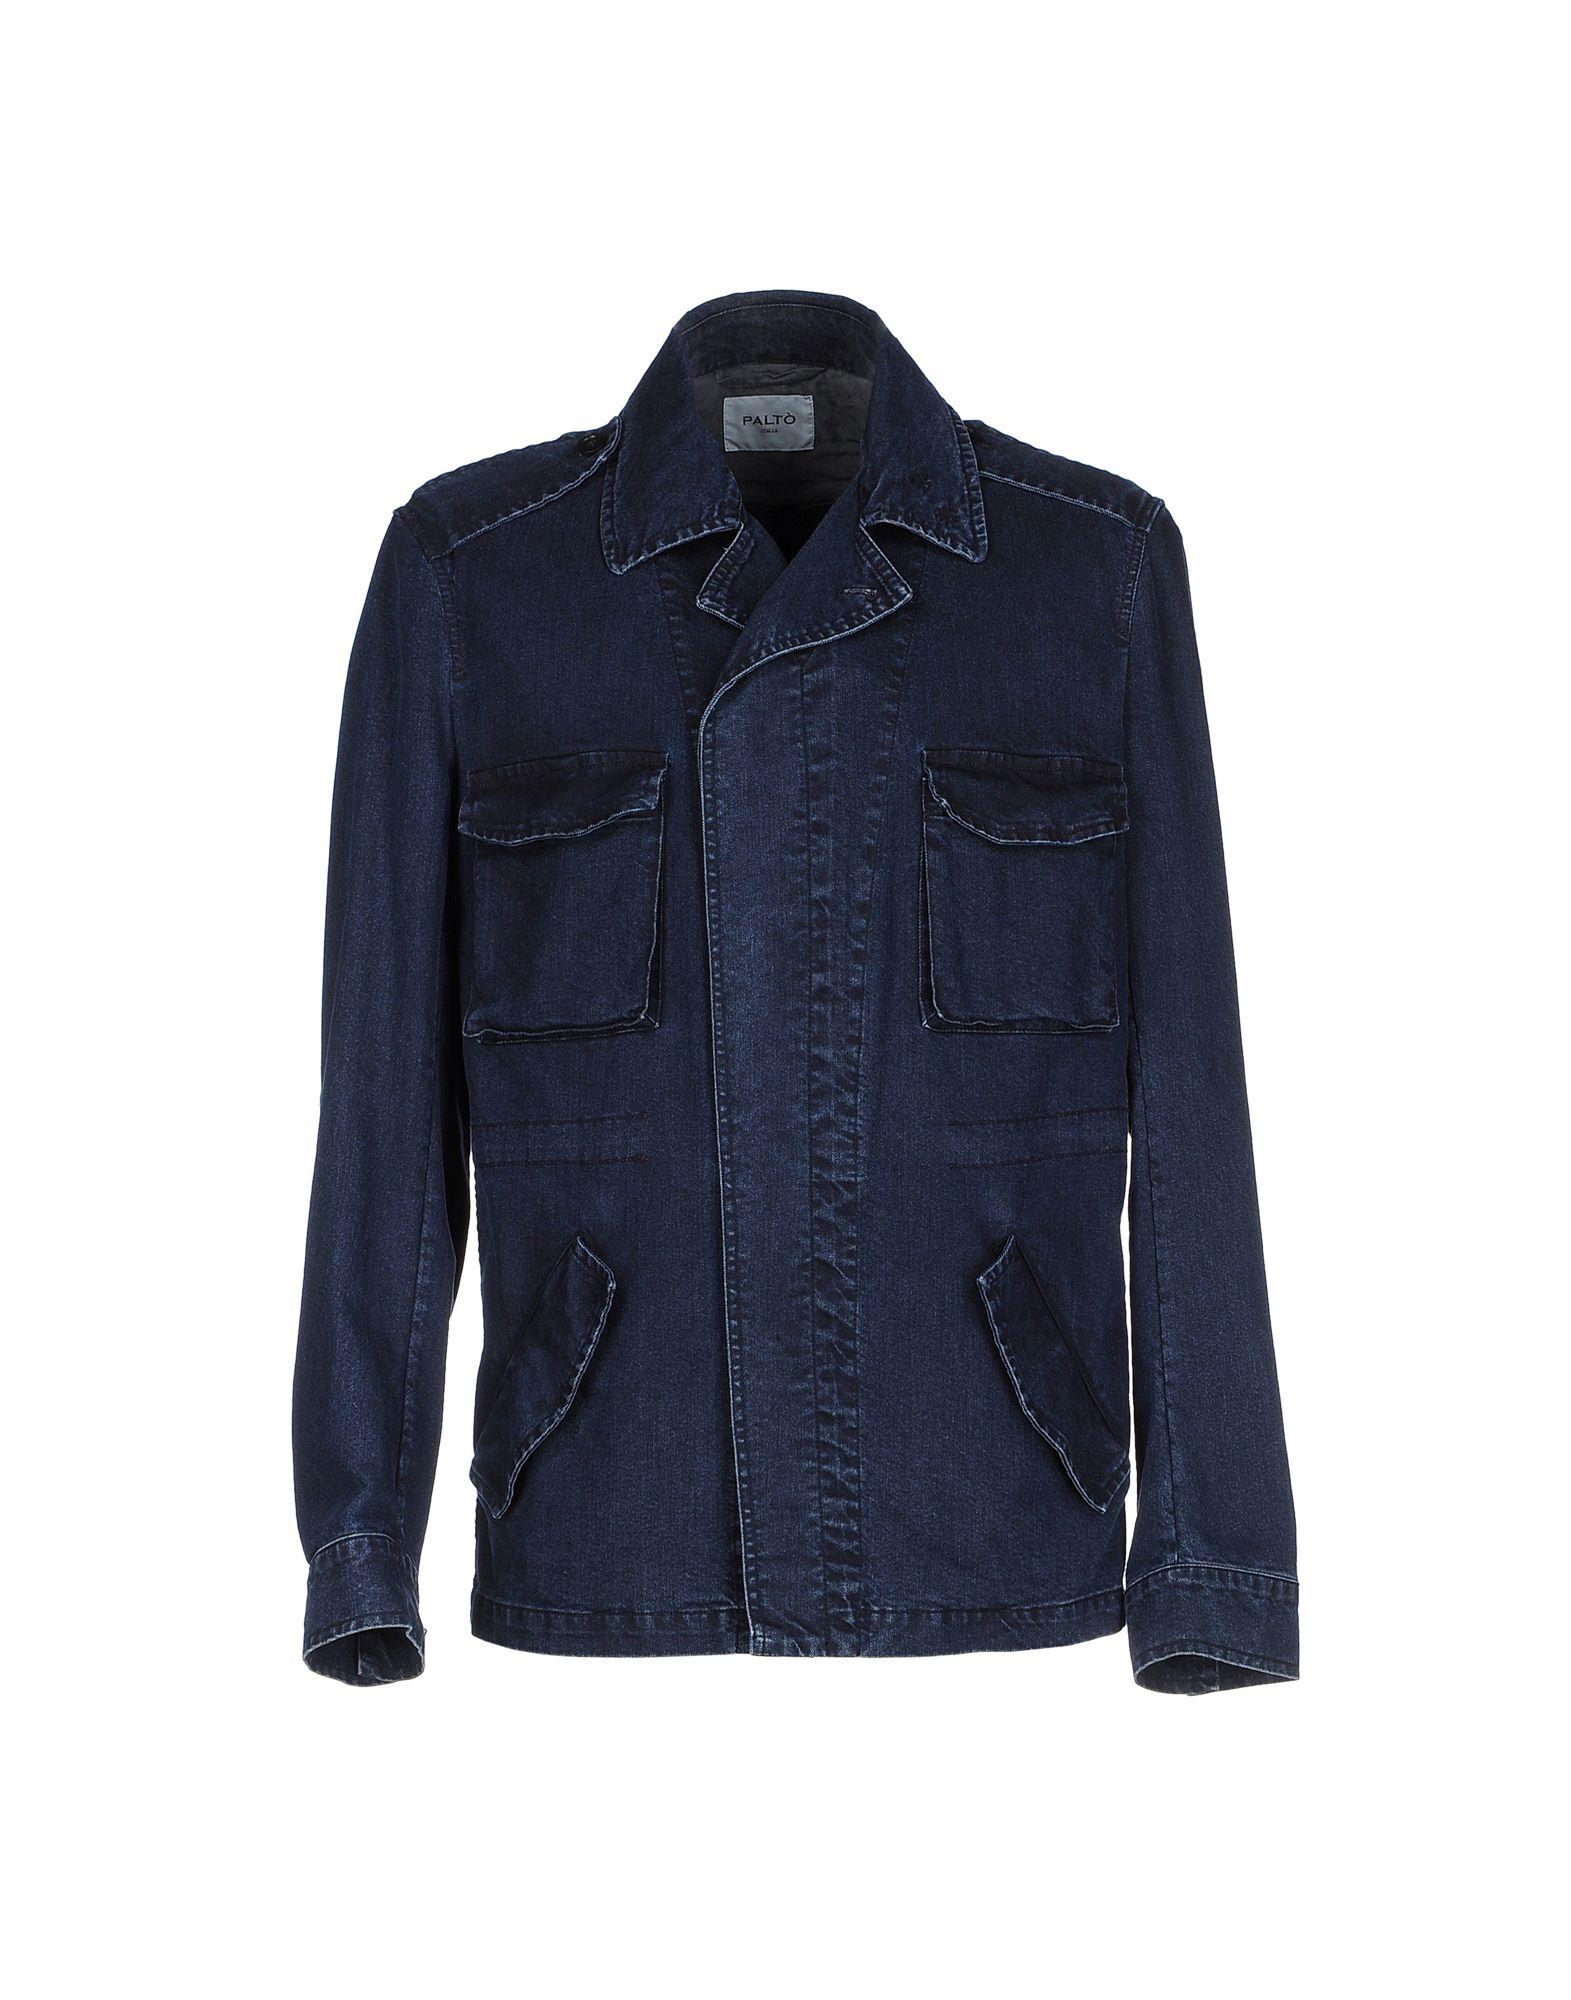 PALTÒ Джинсовая верхняя одежда topshop unique джинсовая верхняя одежда